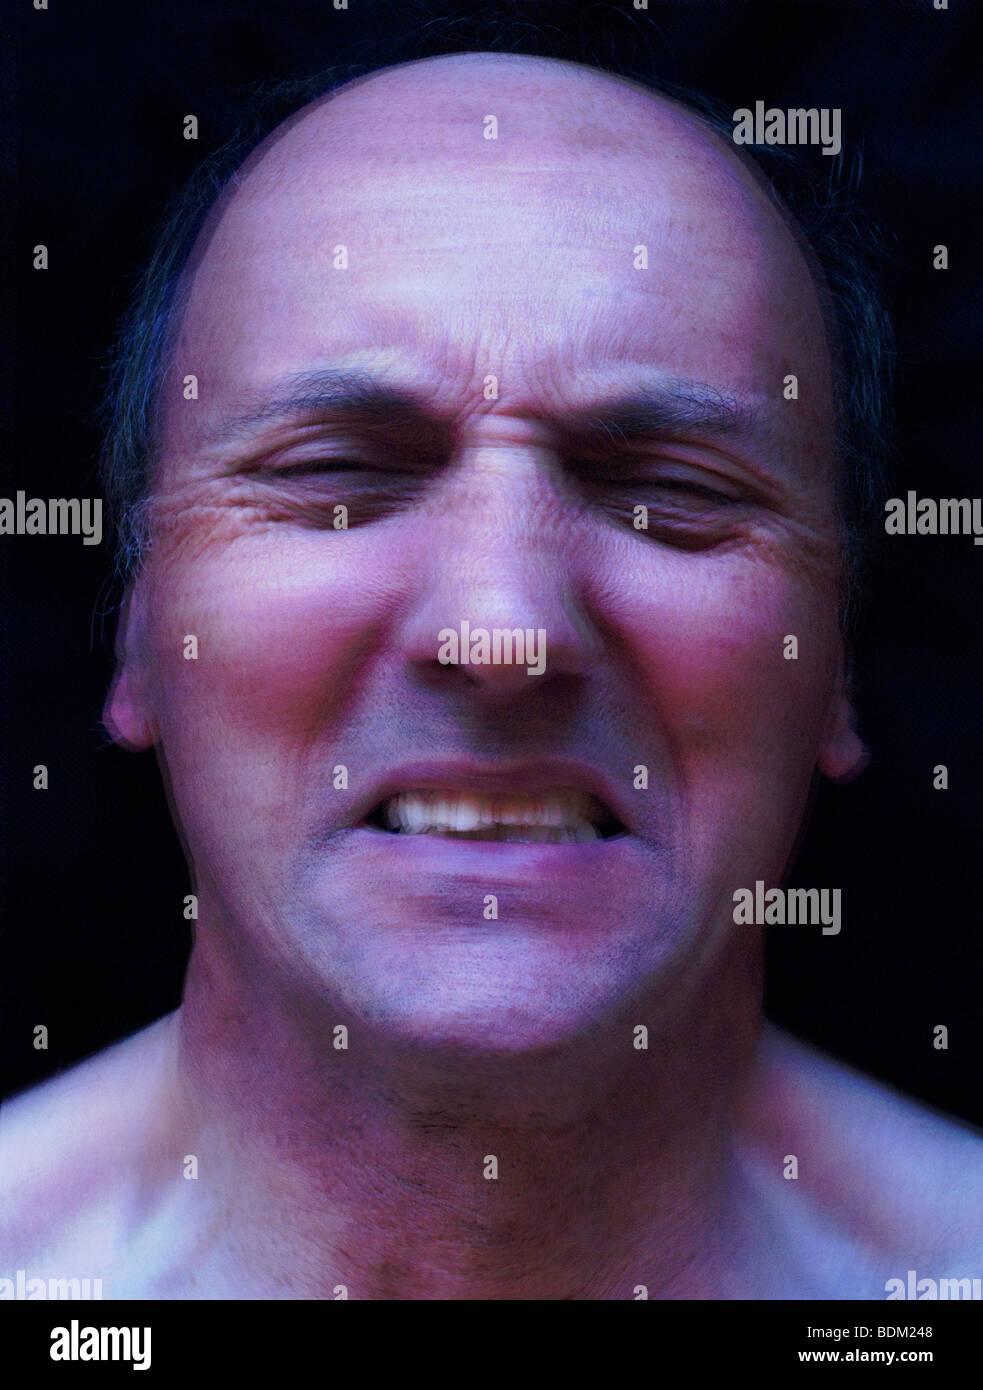 Le stress, la tension, la tension et la dépression Photo Stock